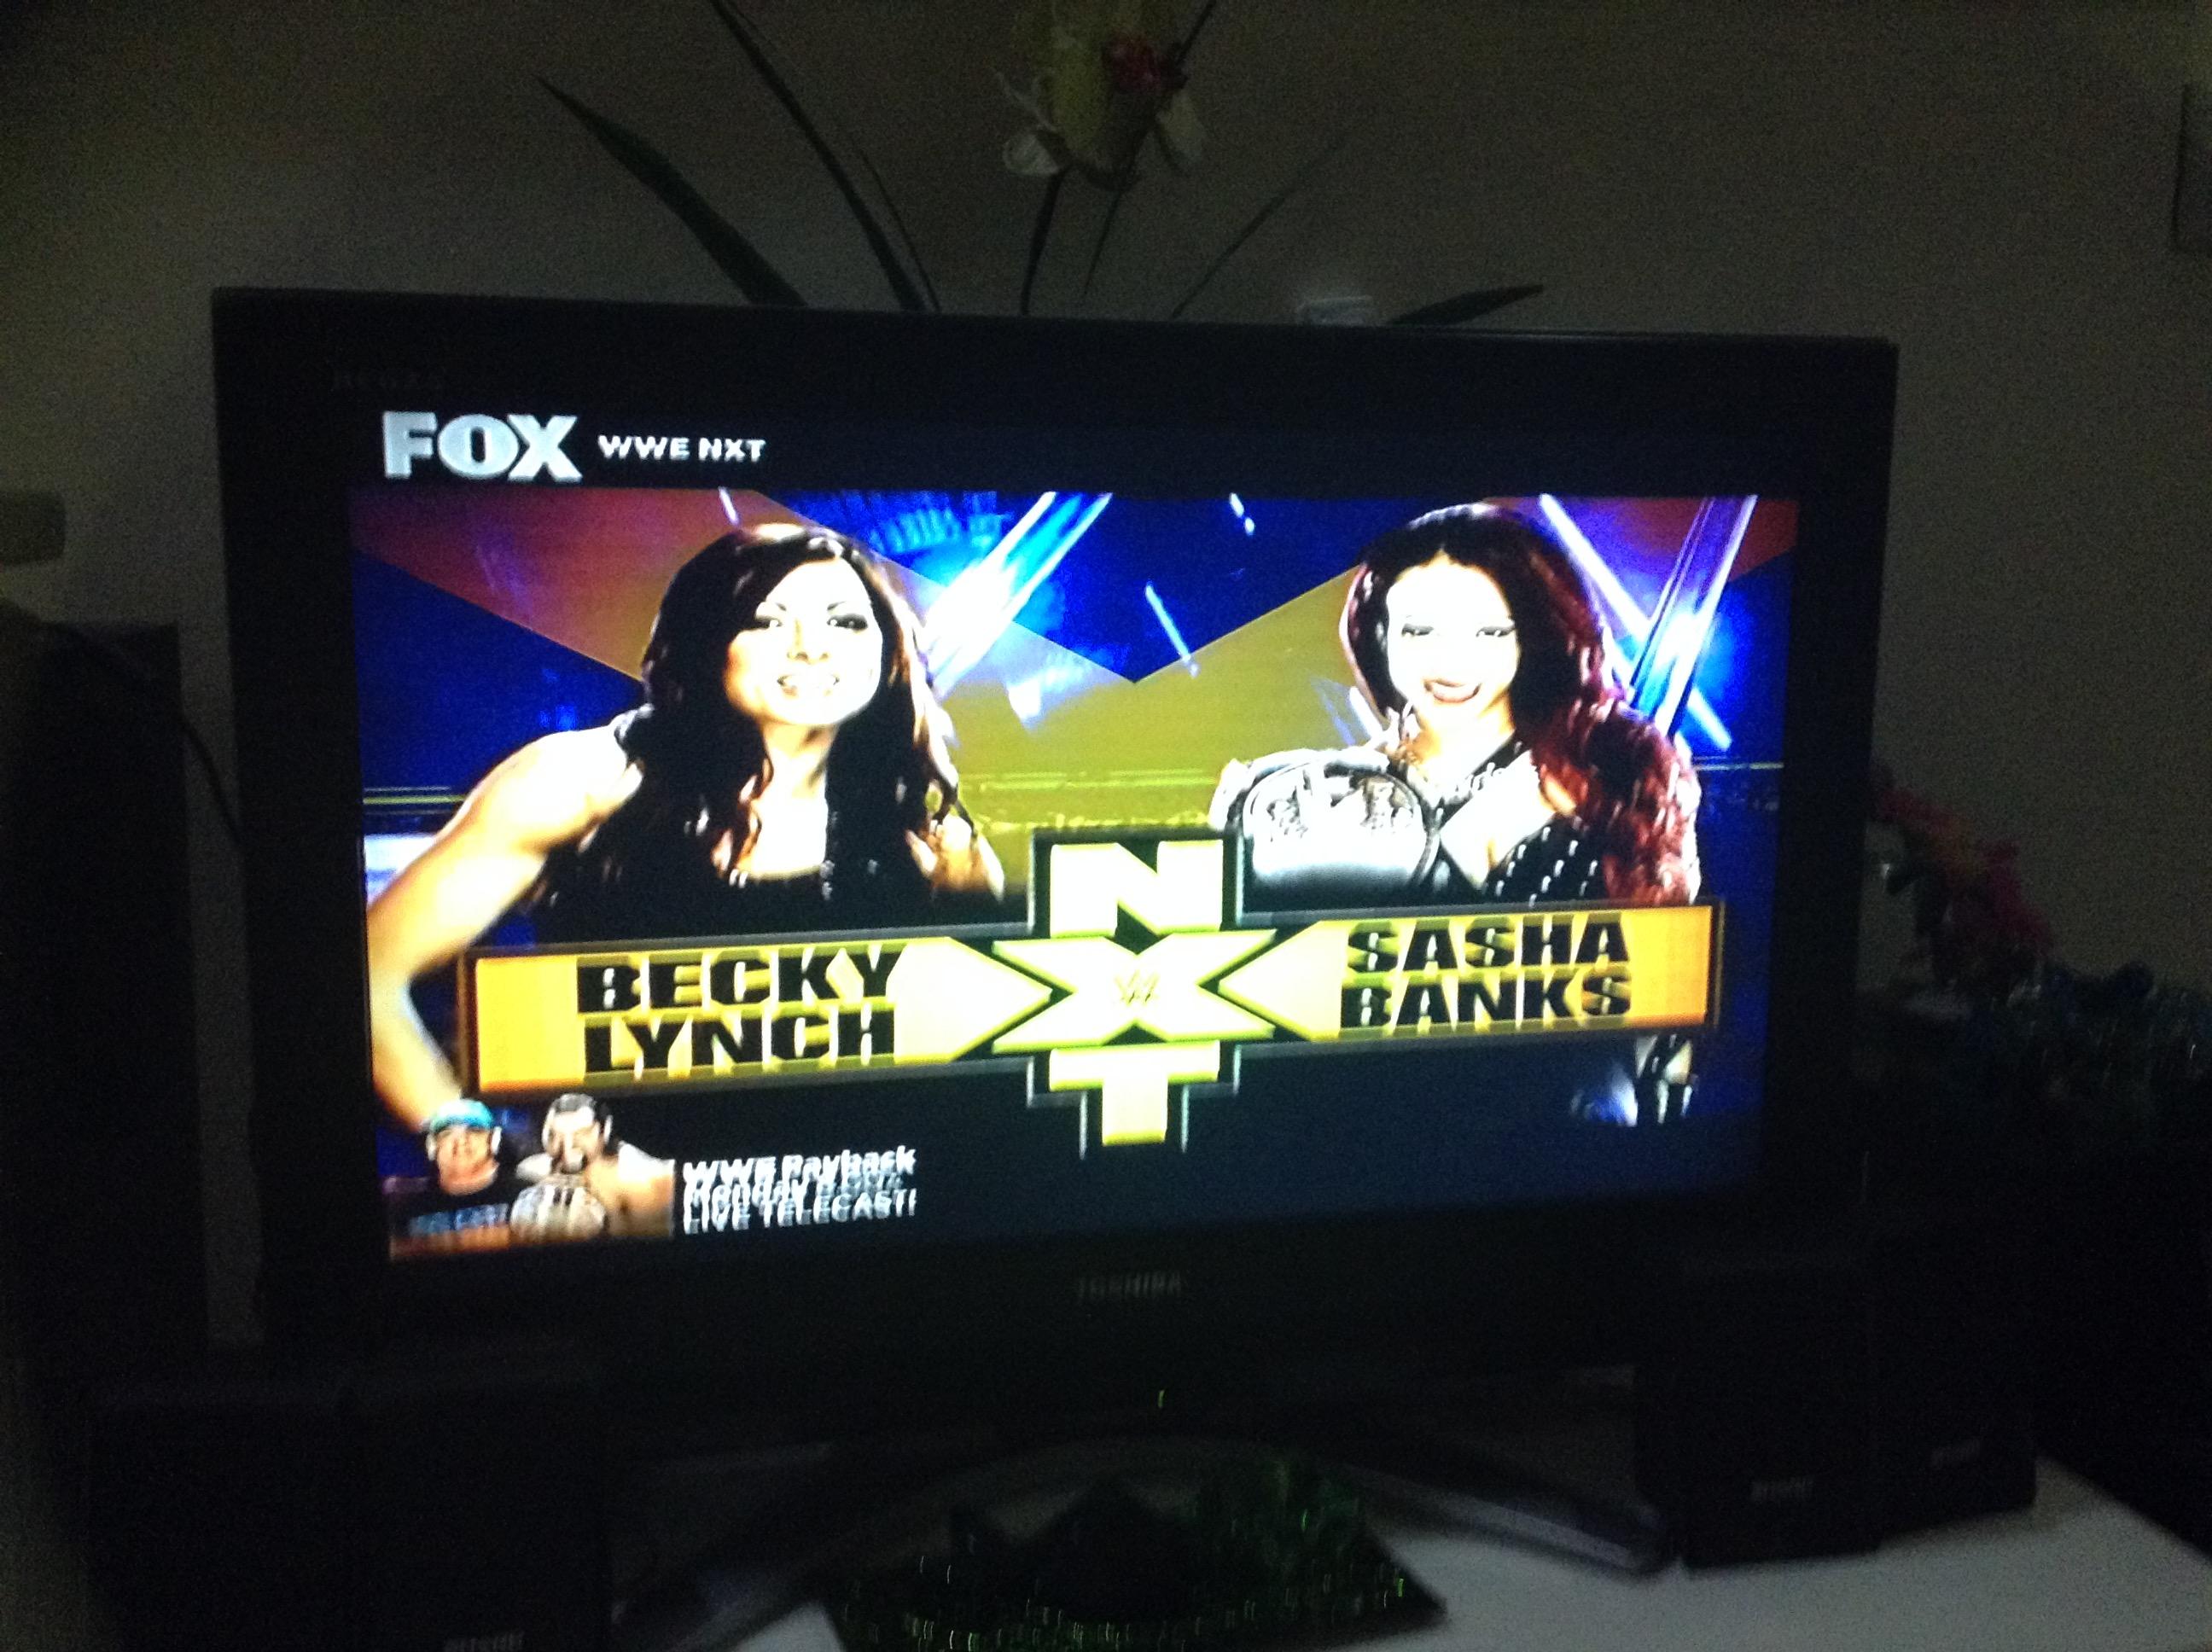 WWE NXT Images Becky Lynch Vs Sasha Banks At